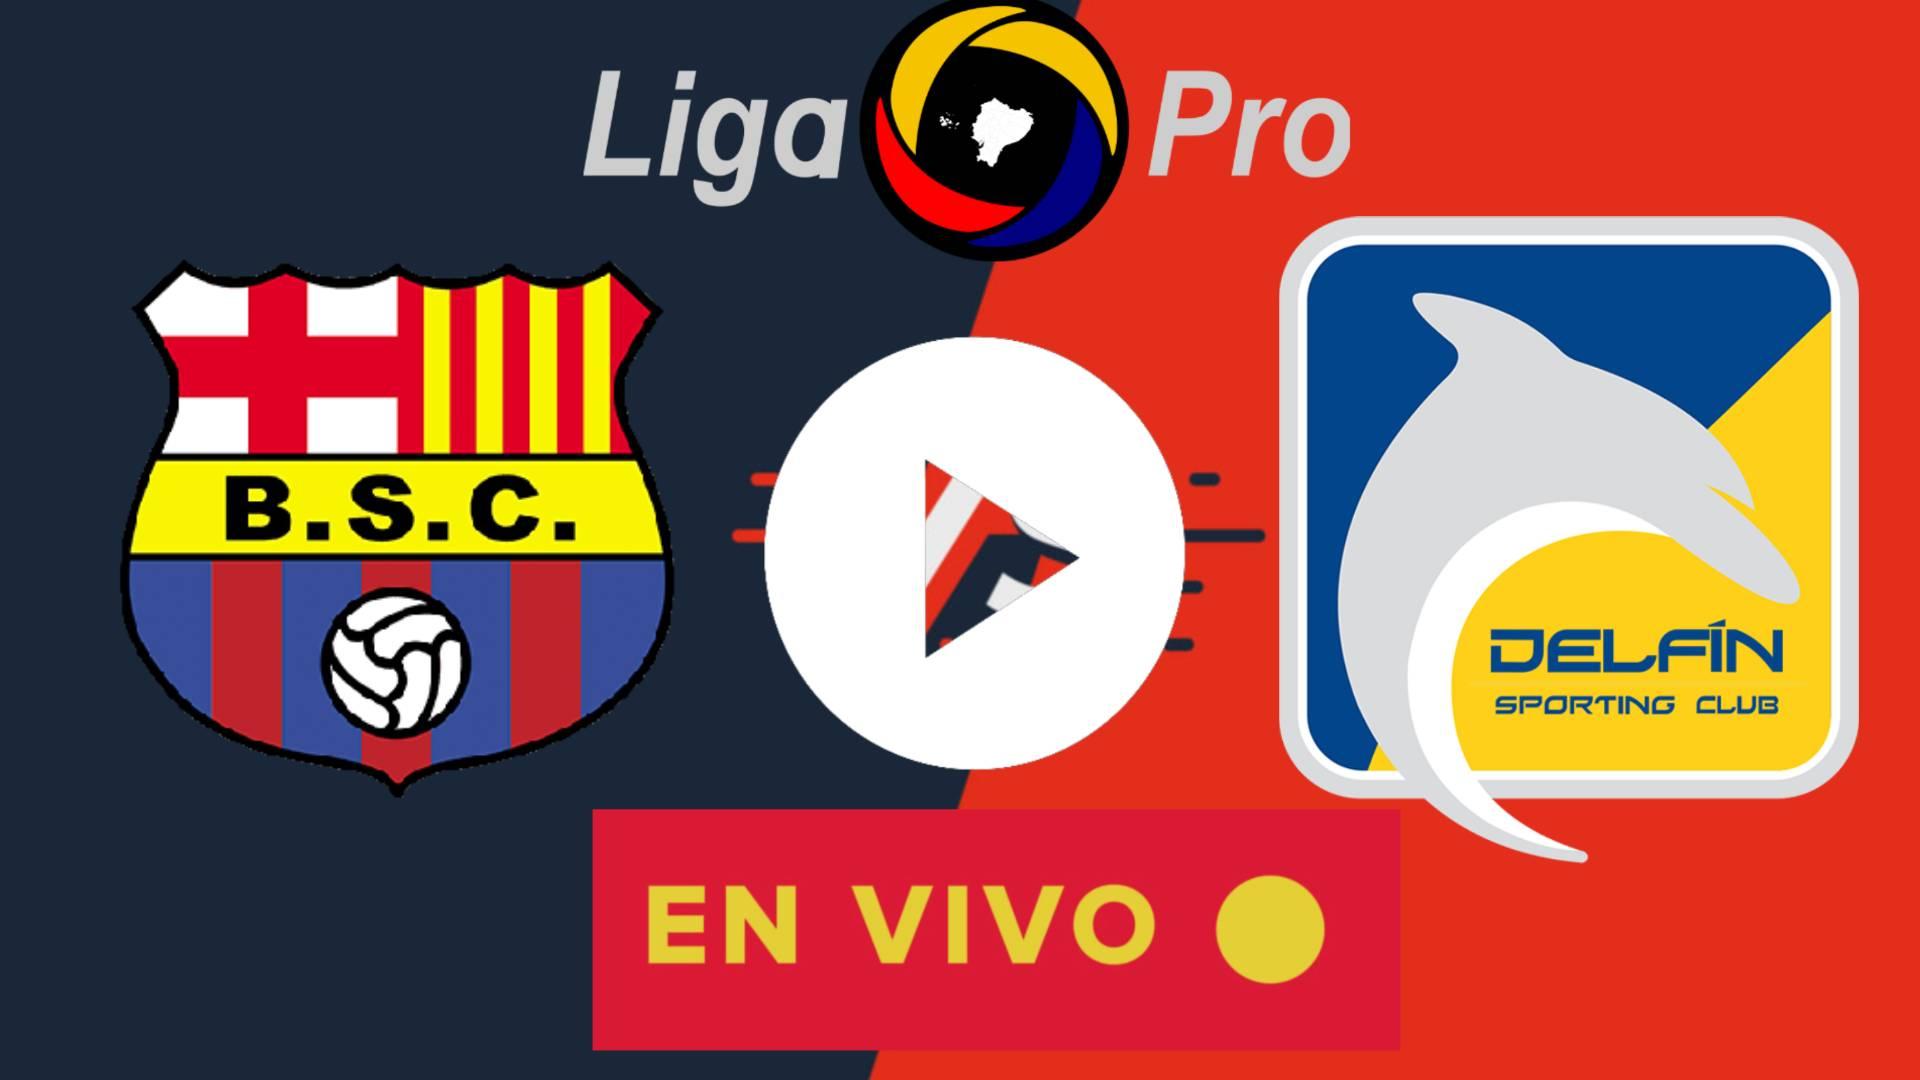 LIGA PRO 2020   EN VIVO Barcelona SC vs. Delfín